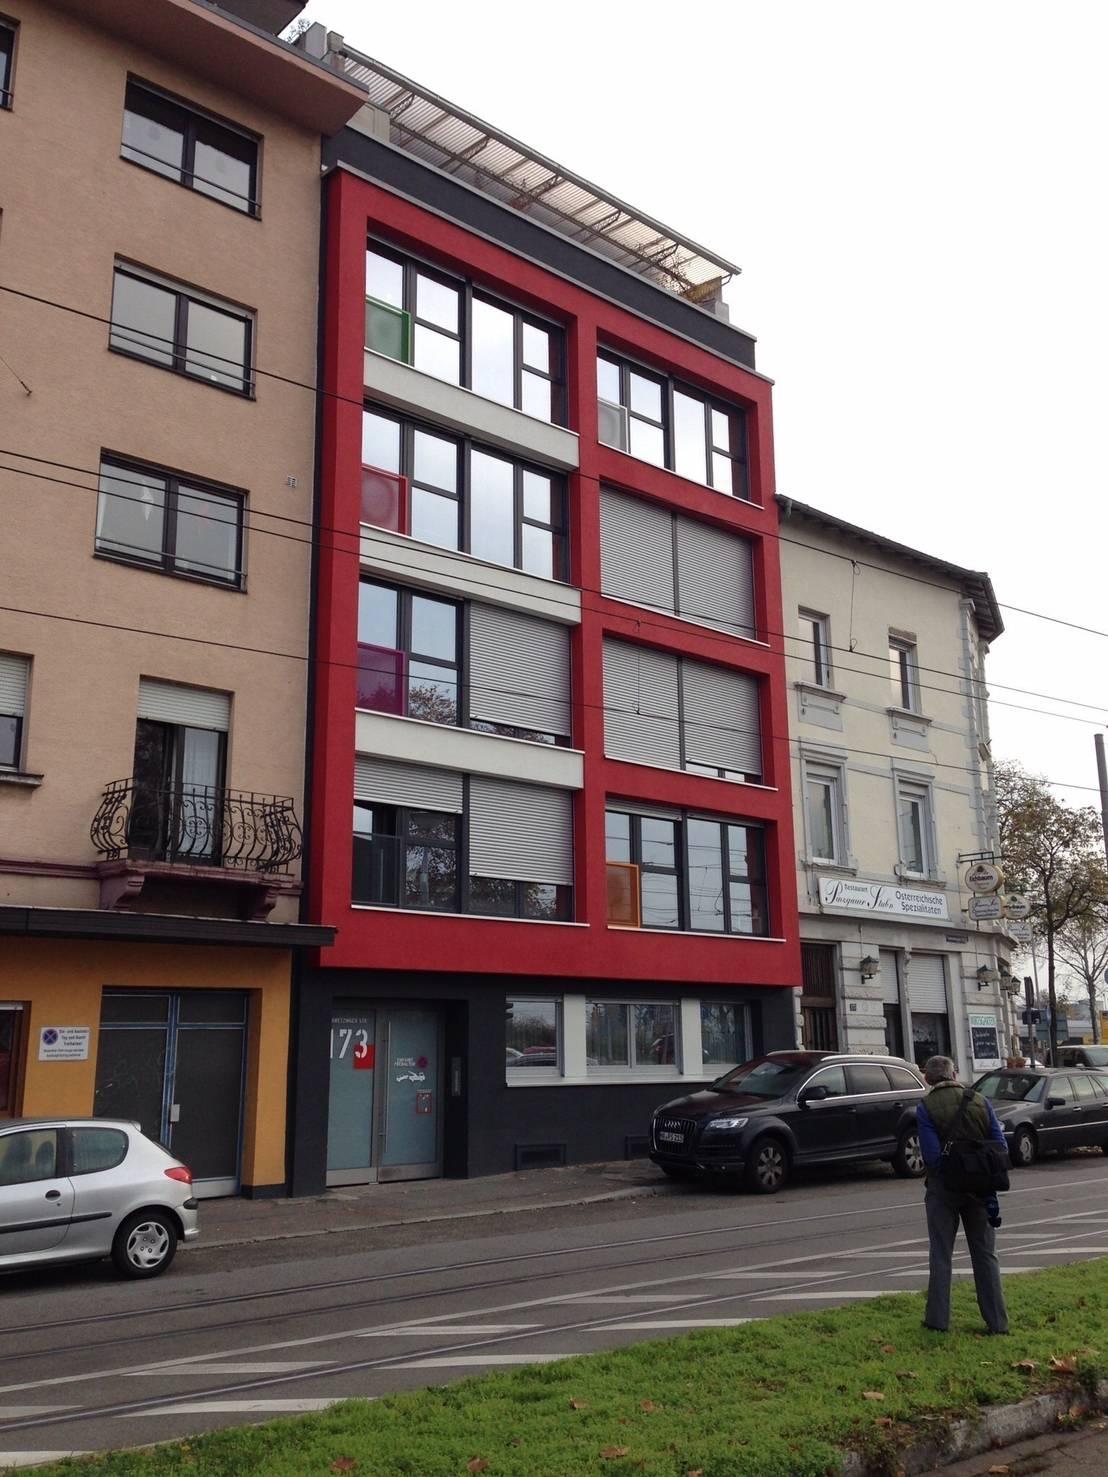 Wohnen in mannheim di b ser architektur homify - Architektur mannheim ...